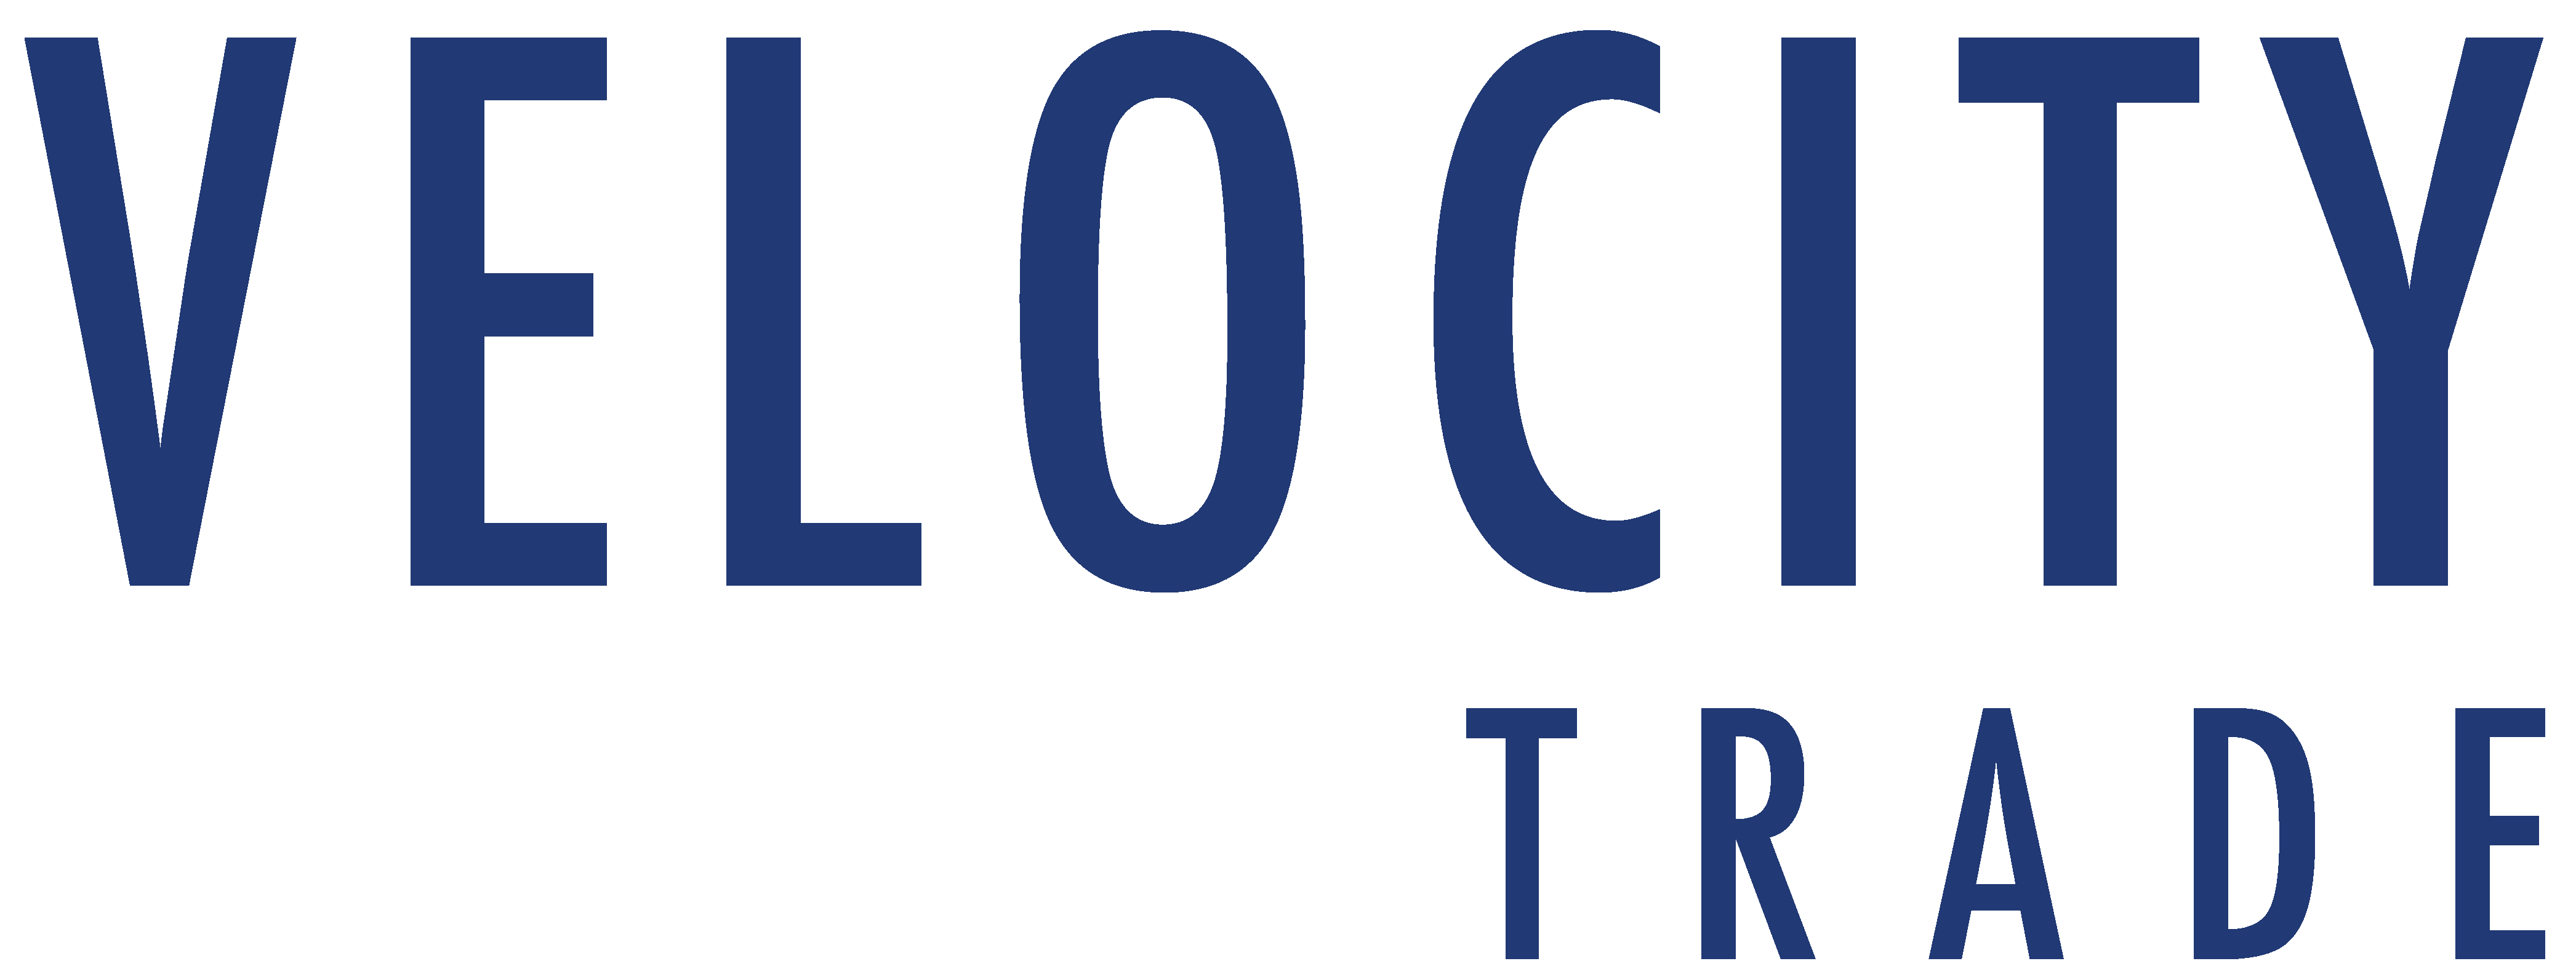 velocity trade log saicom